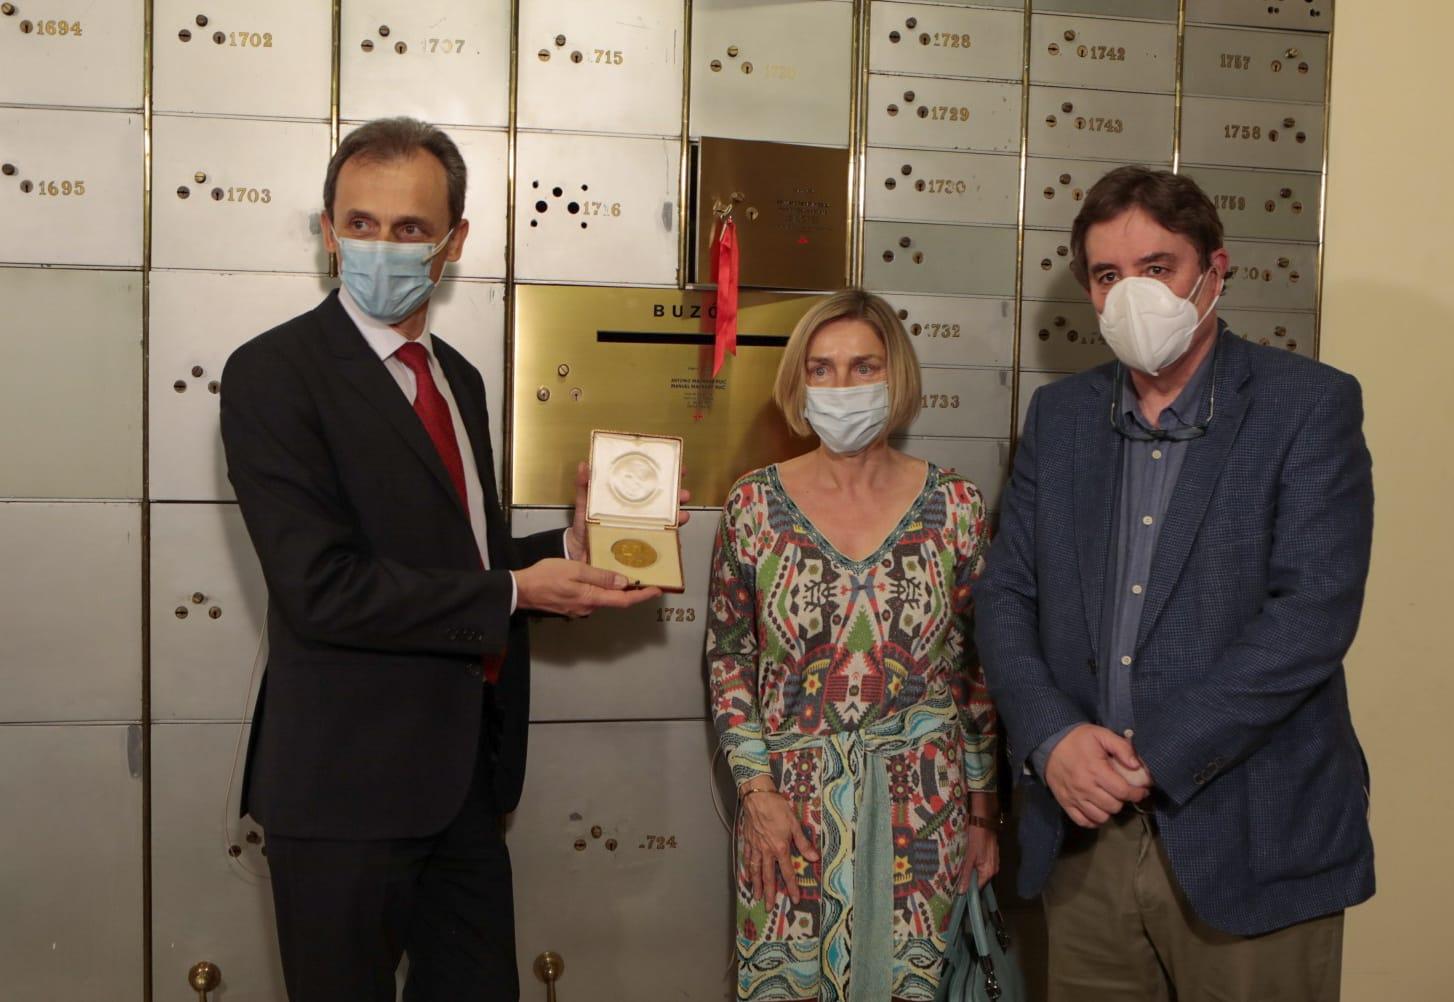 imagen de El ministro Pedro Duque (izda.) muestra la medalla de oro, acompañado de la vicepresidenta del CSIC, Rosina López-Alonso, y el director del Instituto Cervantes, Luis García Montero./ INSITUTO CERVANTES